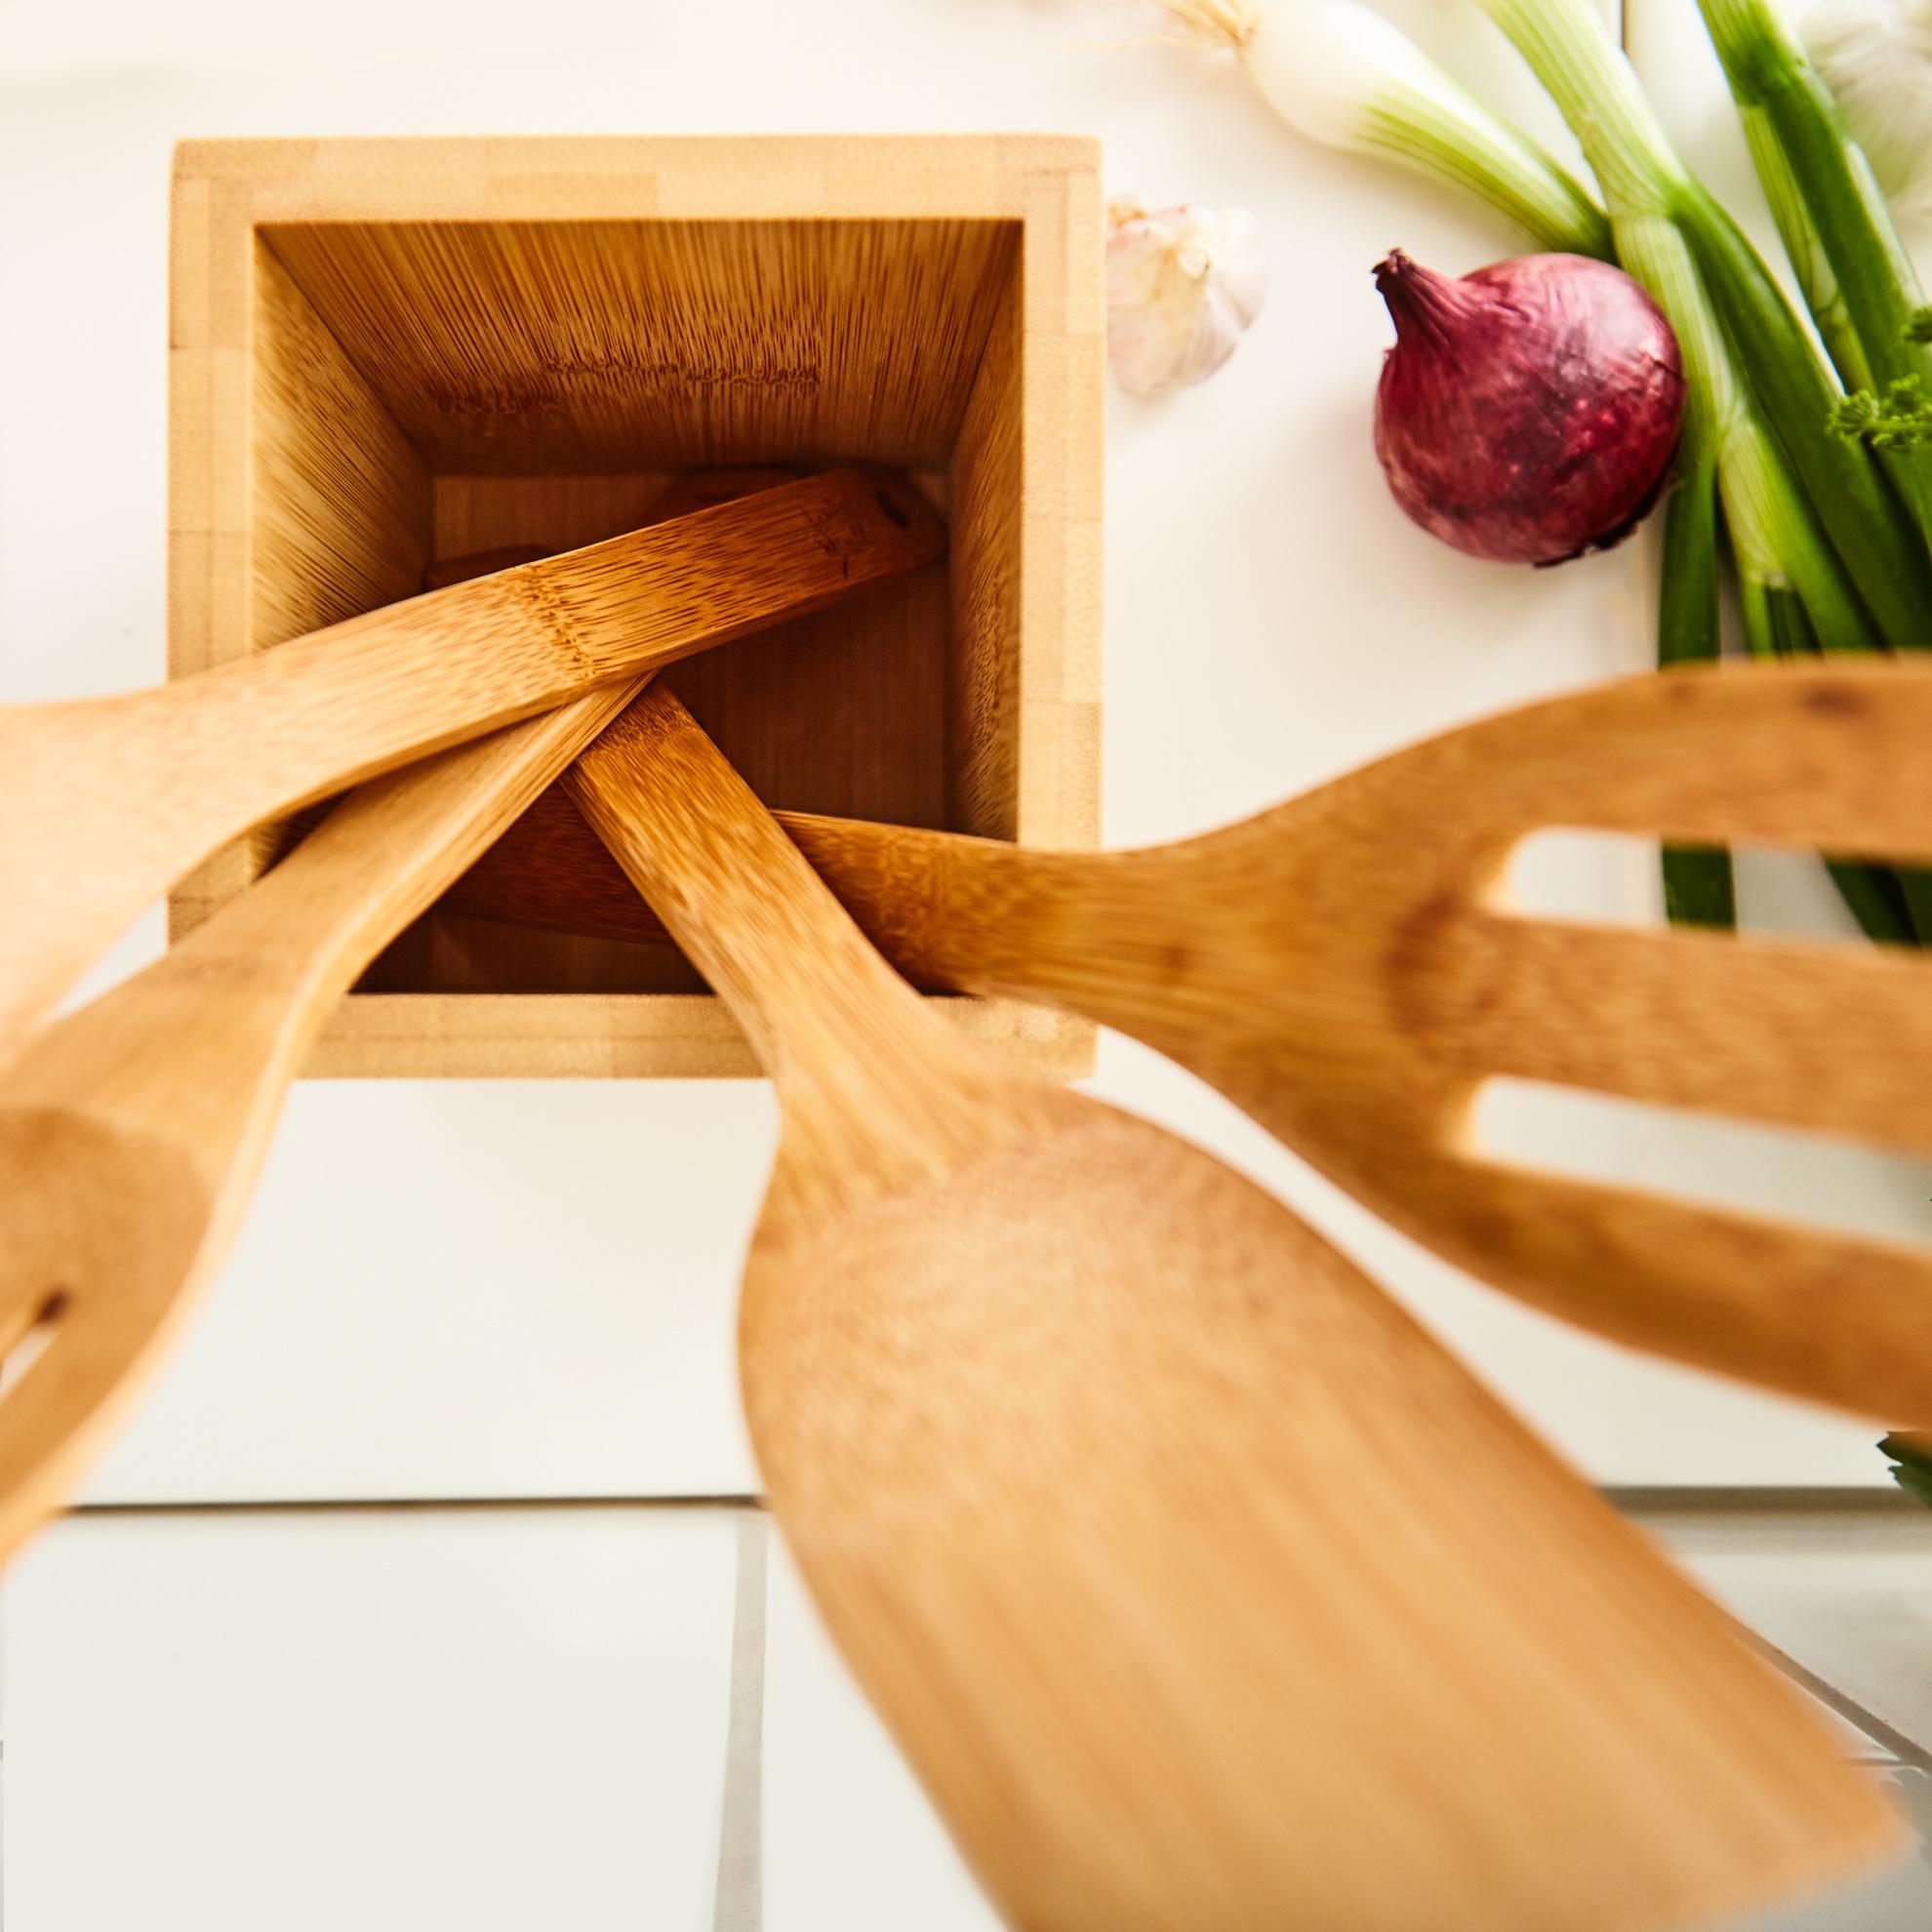 Bambuswald Küchenhelfer Set 6-teilig inkl. Aufbewahrungsbox